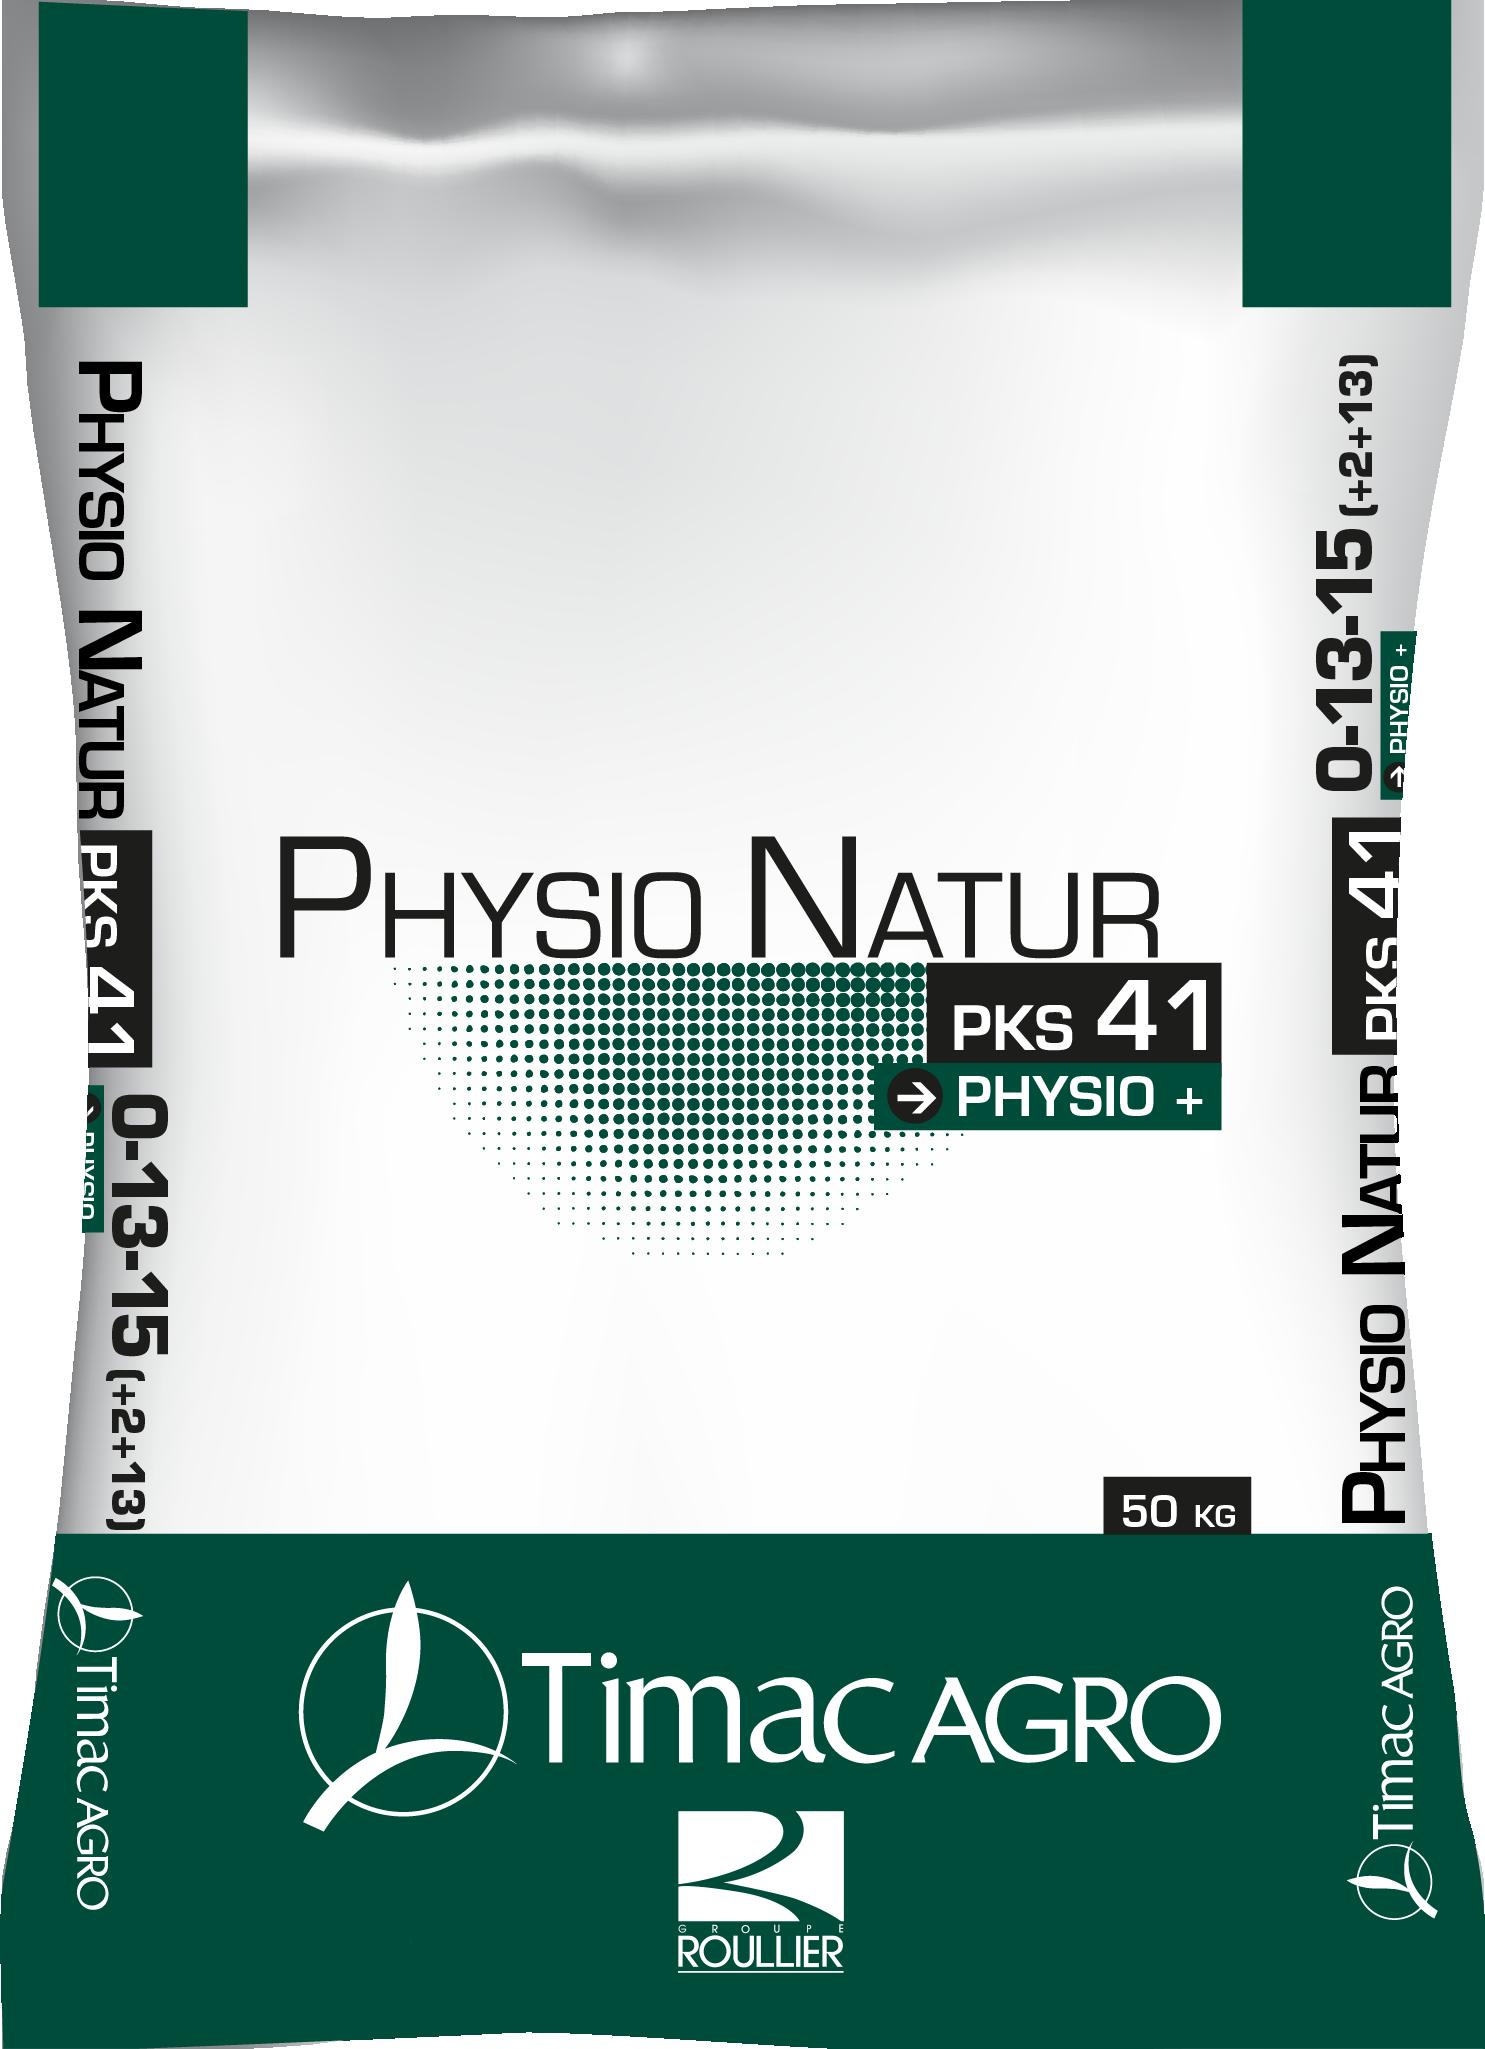 Physio Natur PKS 41